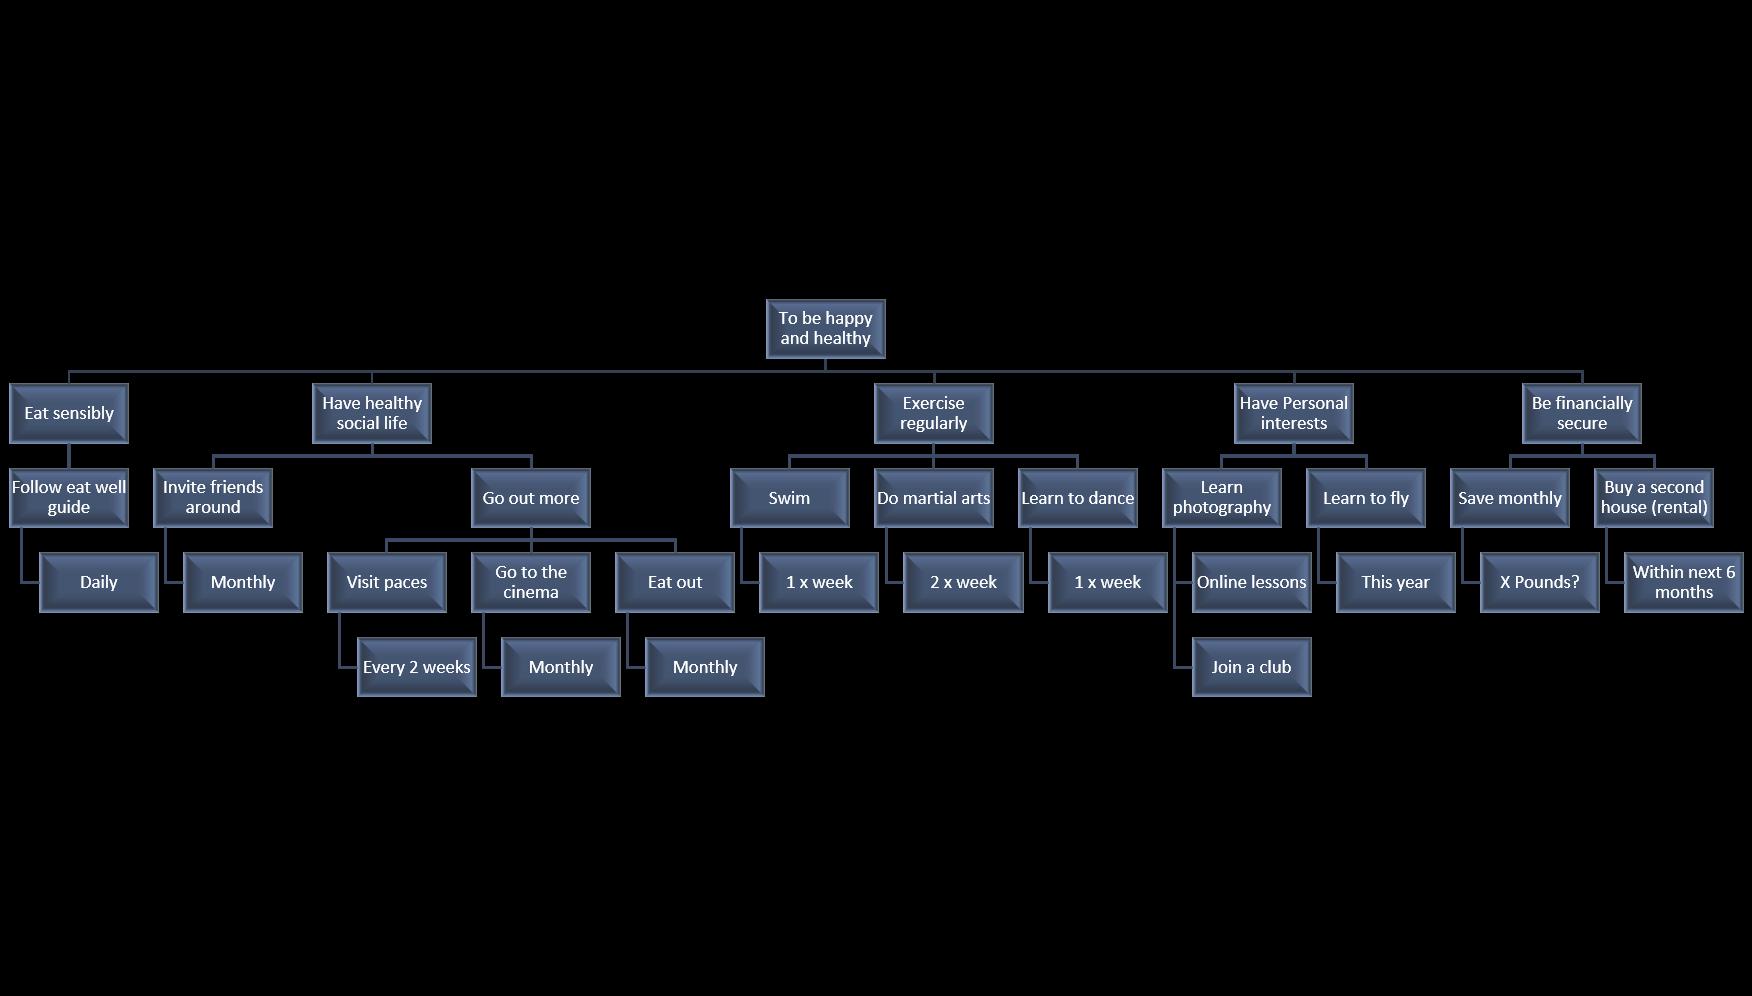 201801-purpose-tree